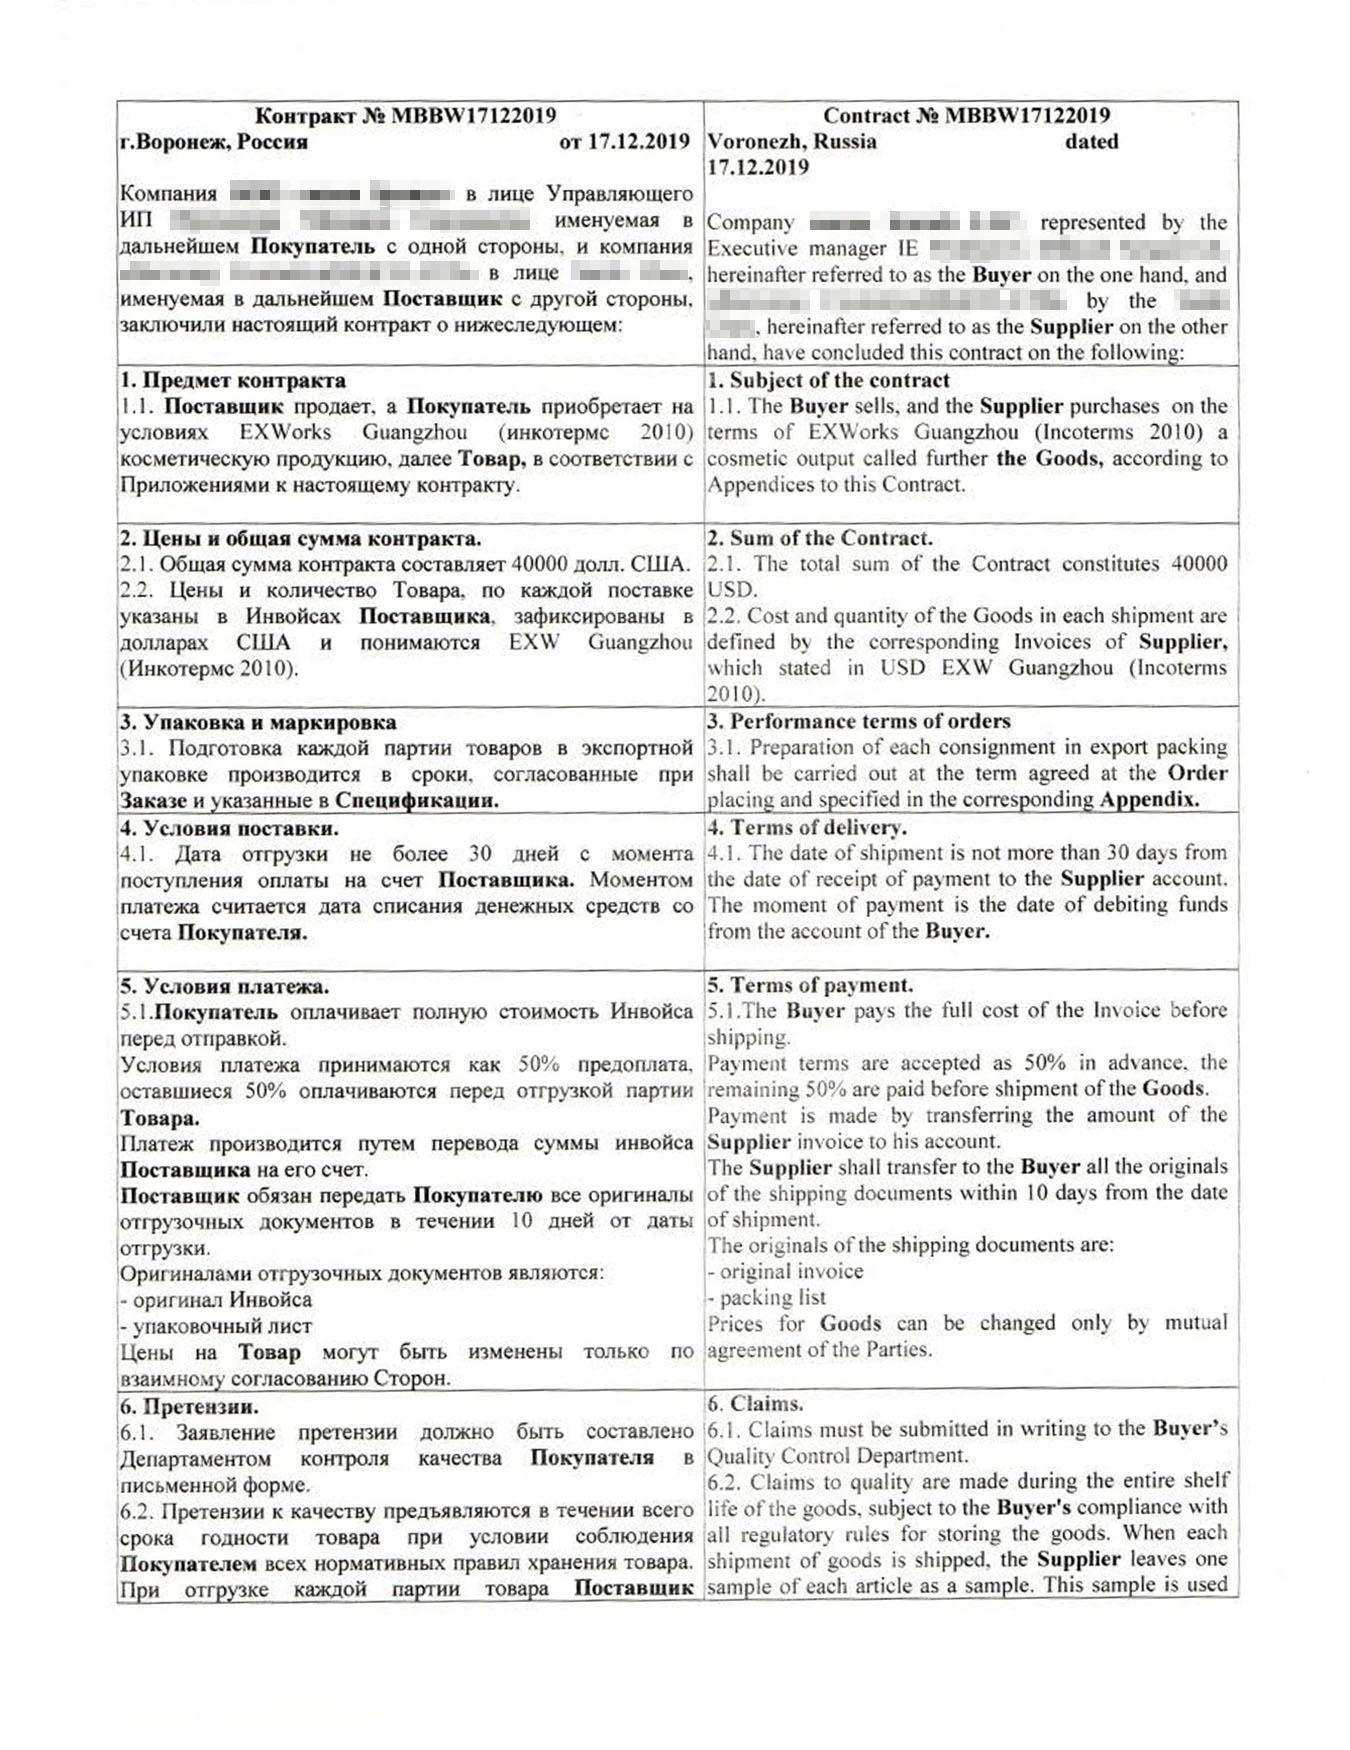 Контракт с иностранной компанией обычно составляется на нескольких языках, в этом случае — на русском и английском